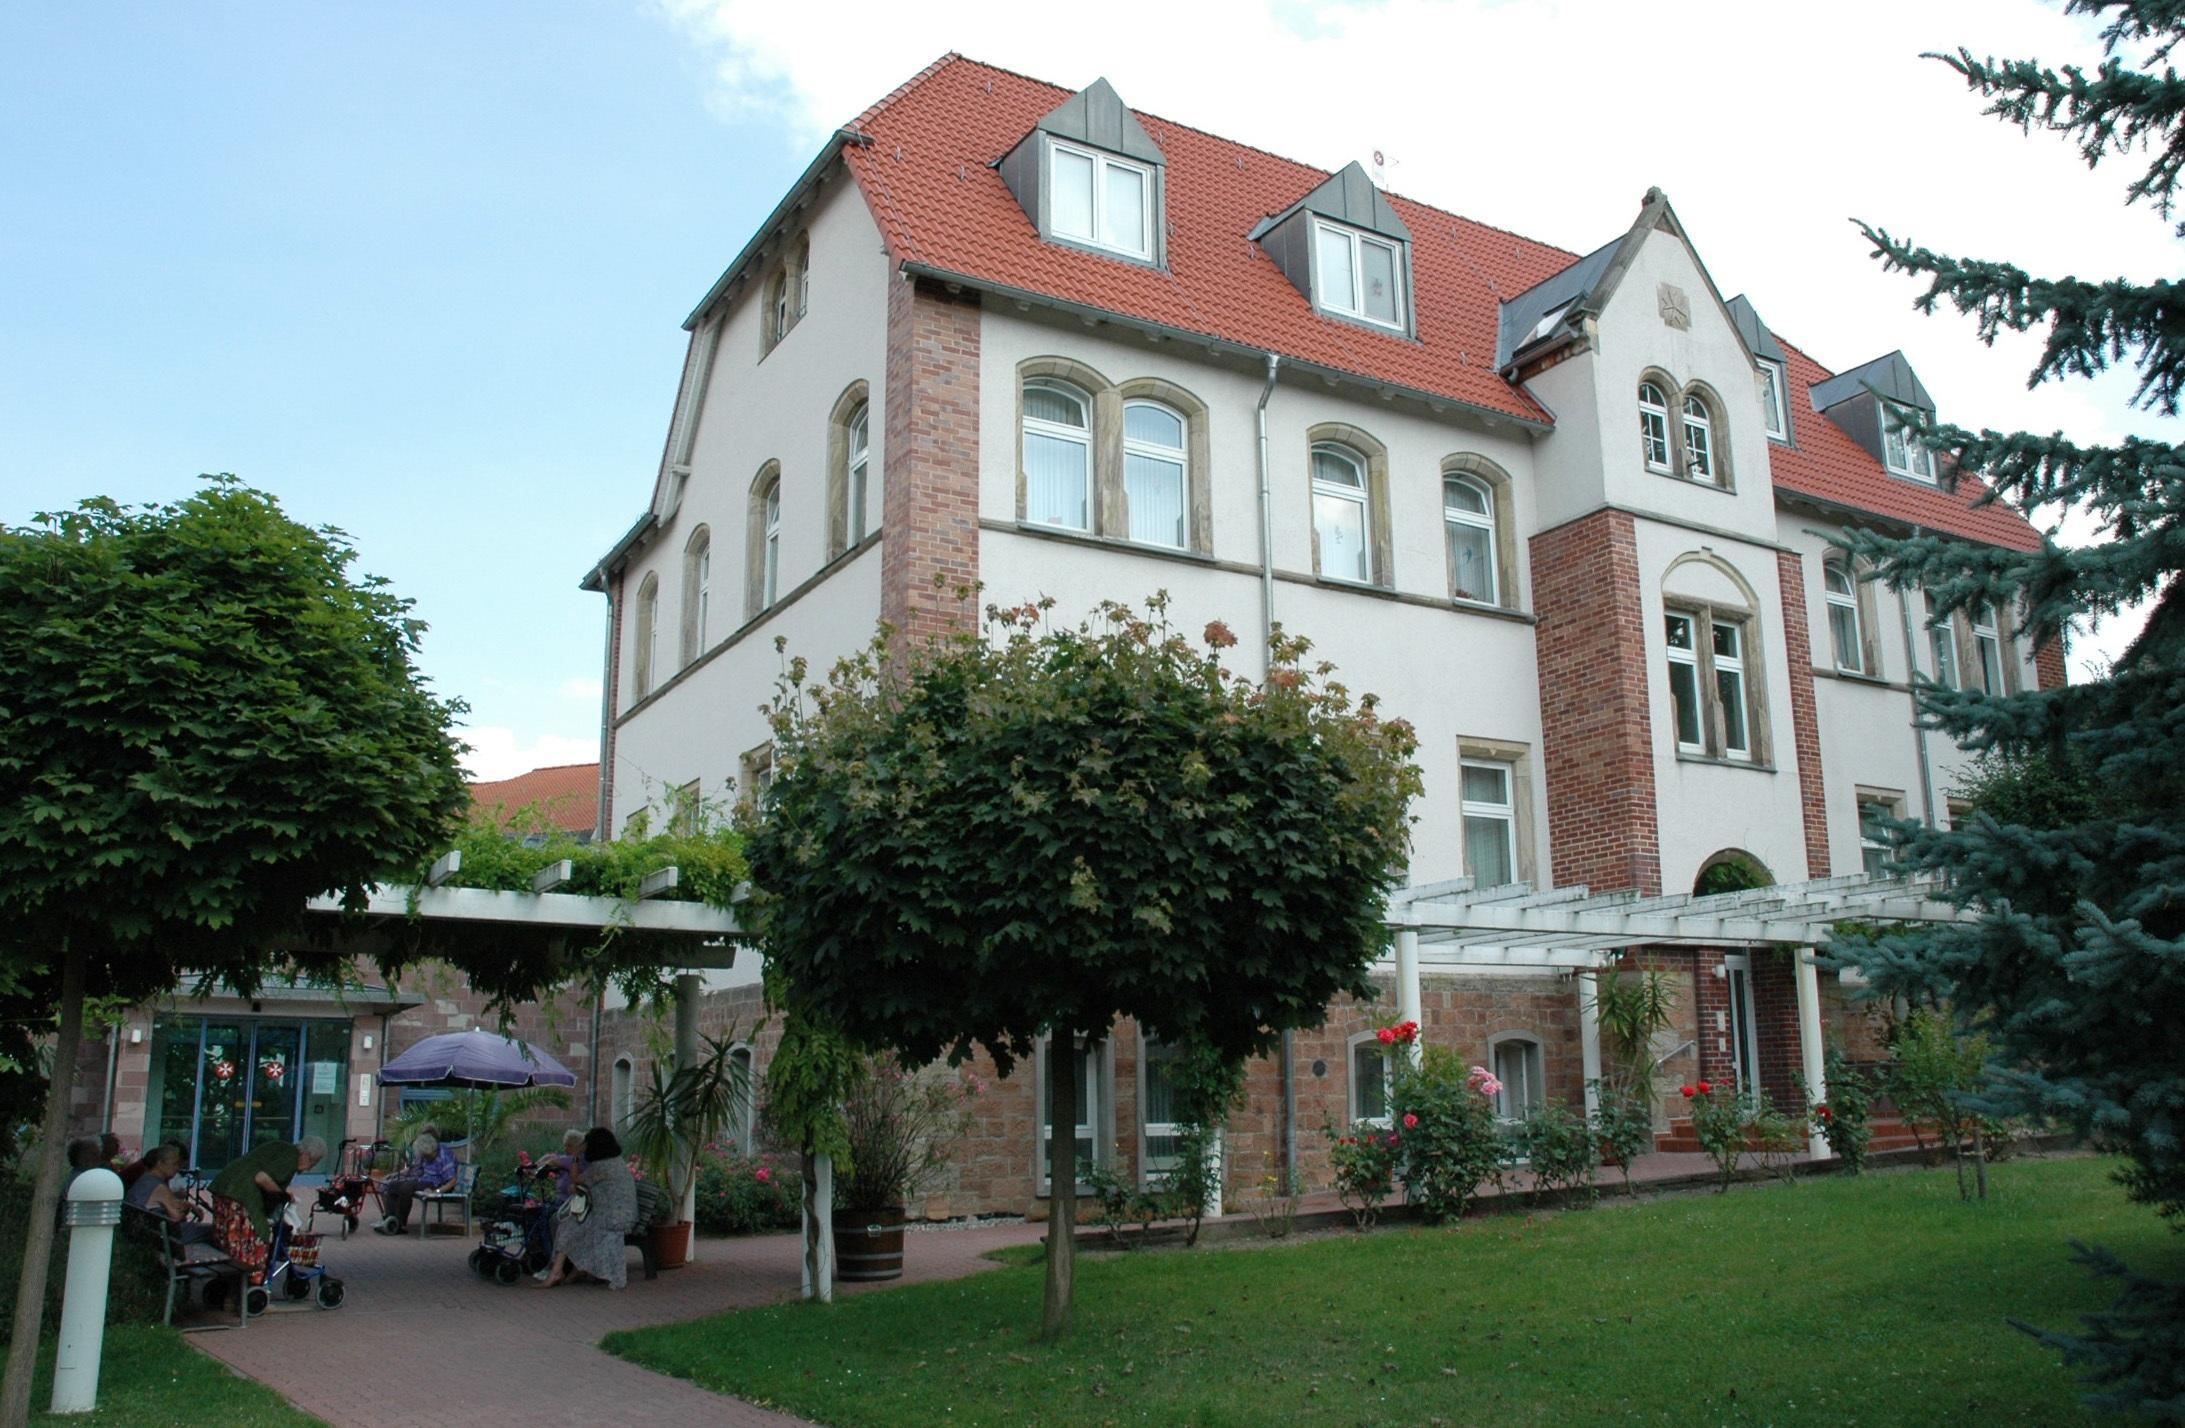 Johanniter-Haus Nebra